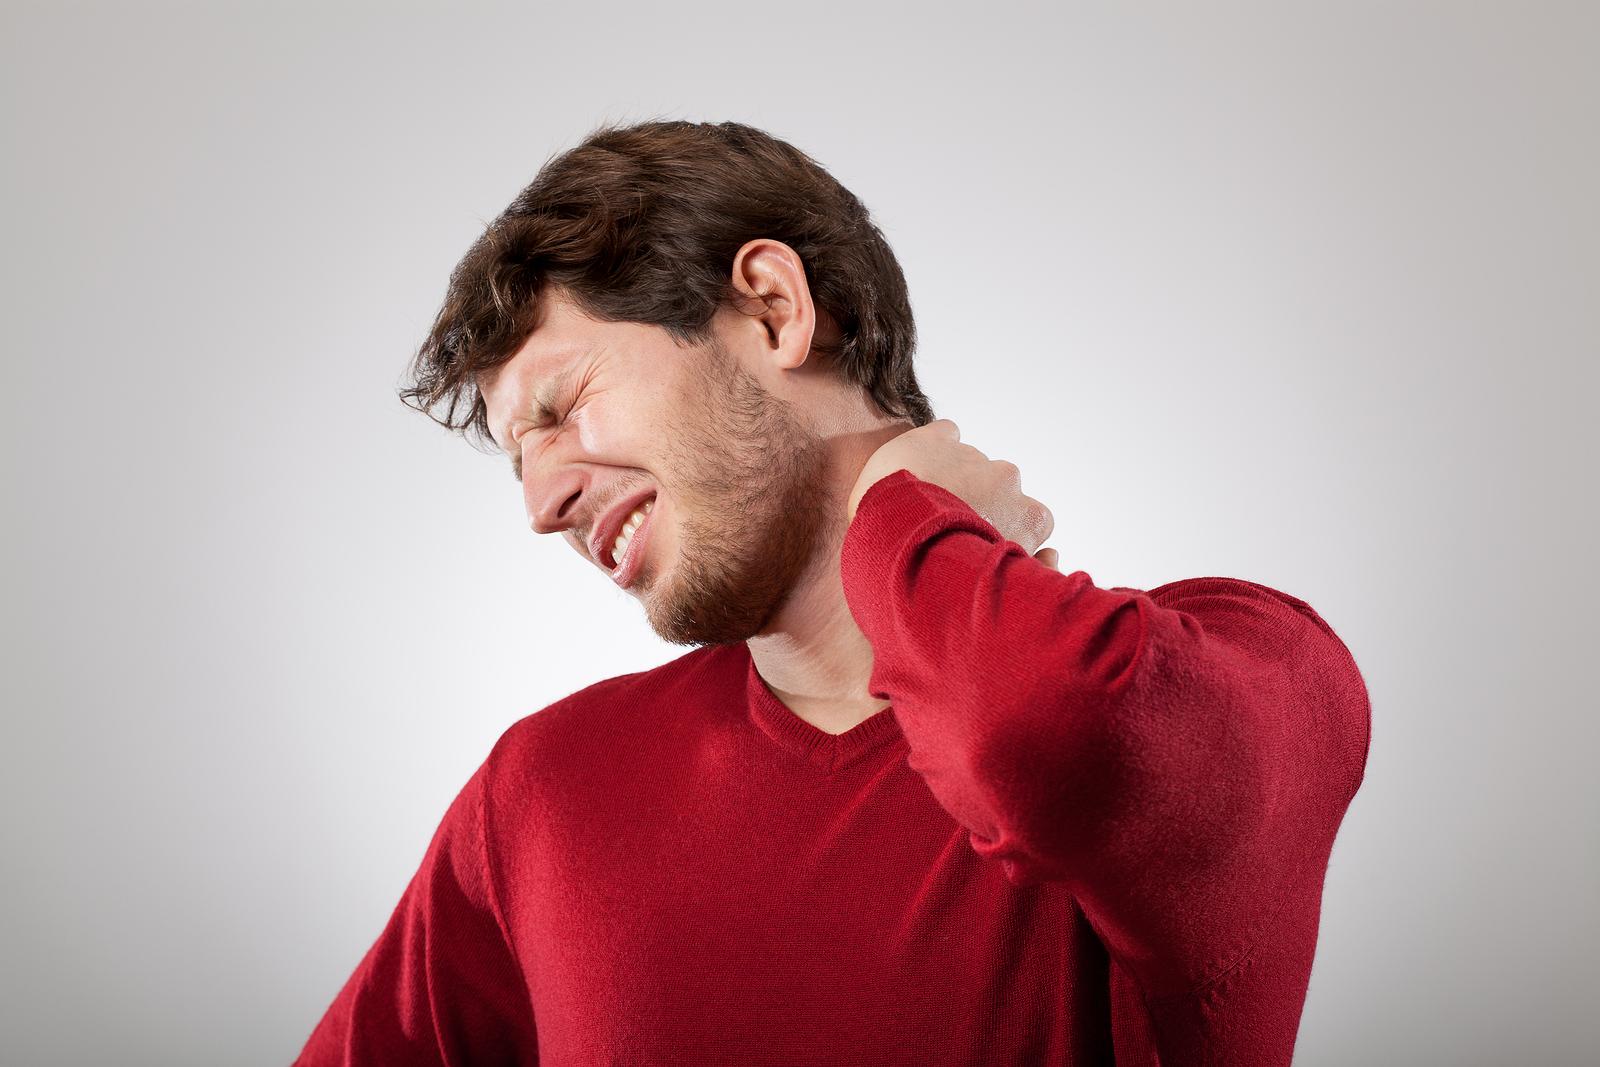 你常按摩頸部嗎?希望上帝保佑你不要中風、癱瘓